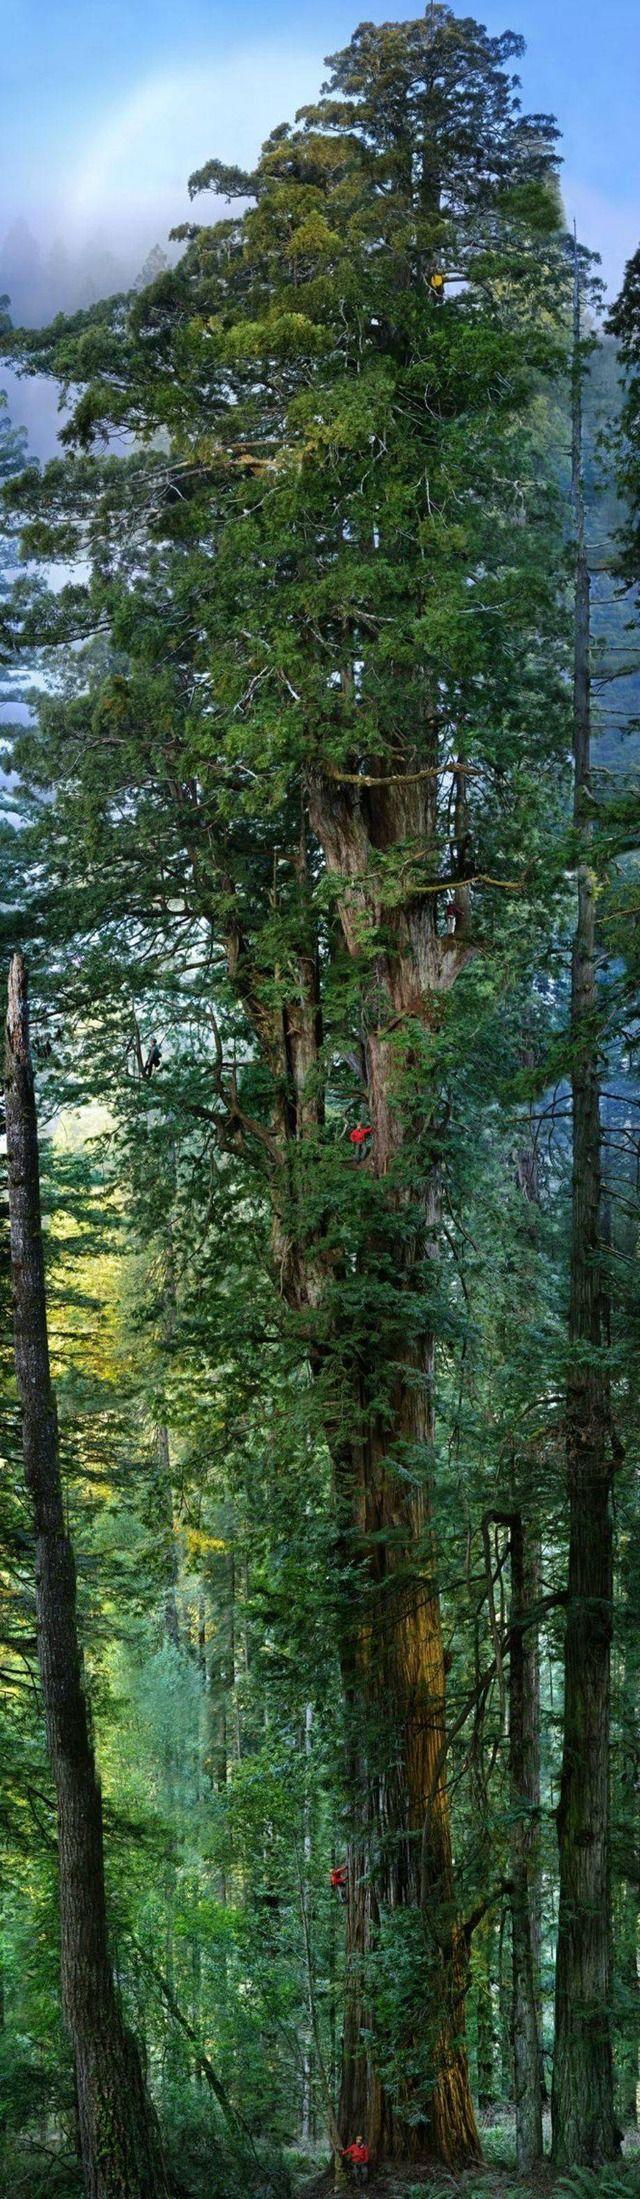 世界一大きな木「ジャイアント・セコイア」(高さじゃないよ) : とざなぼニュース